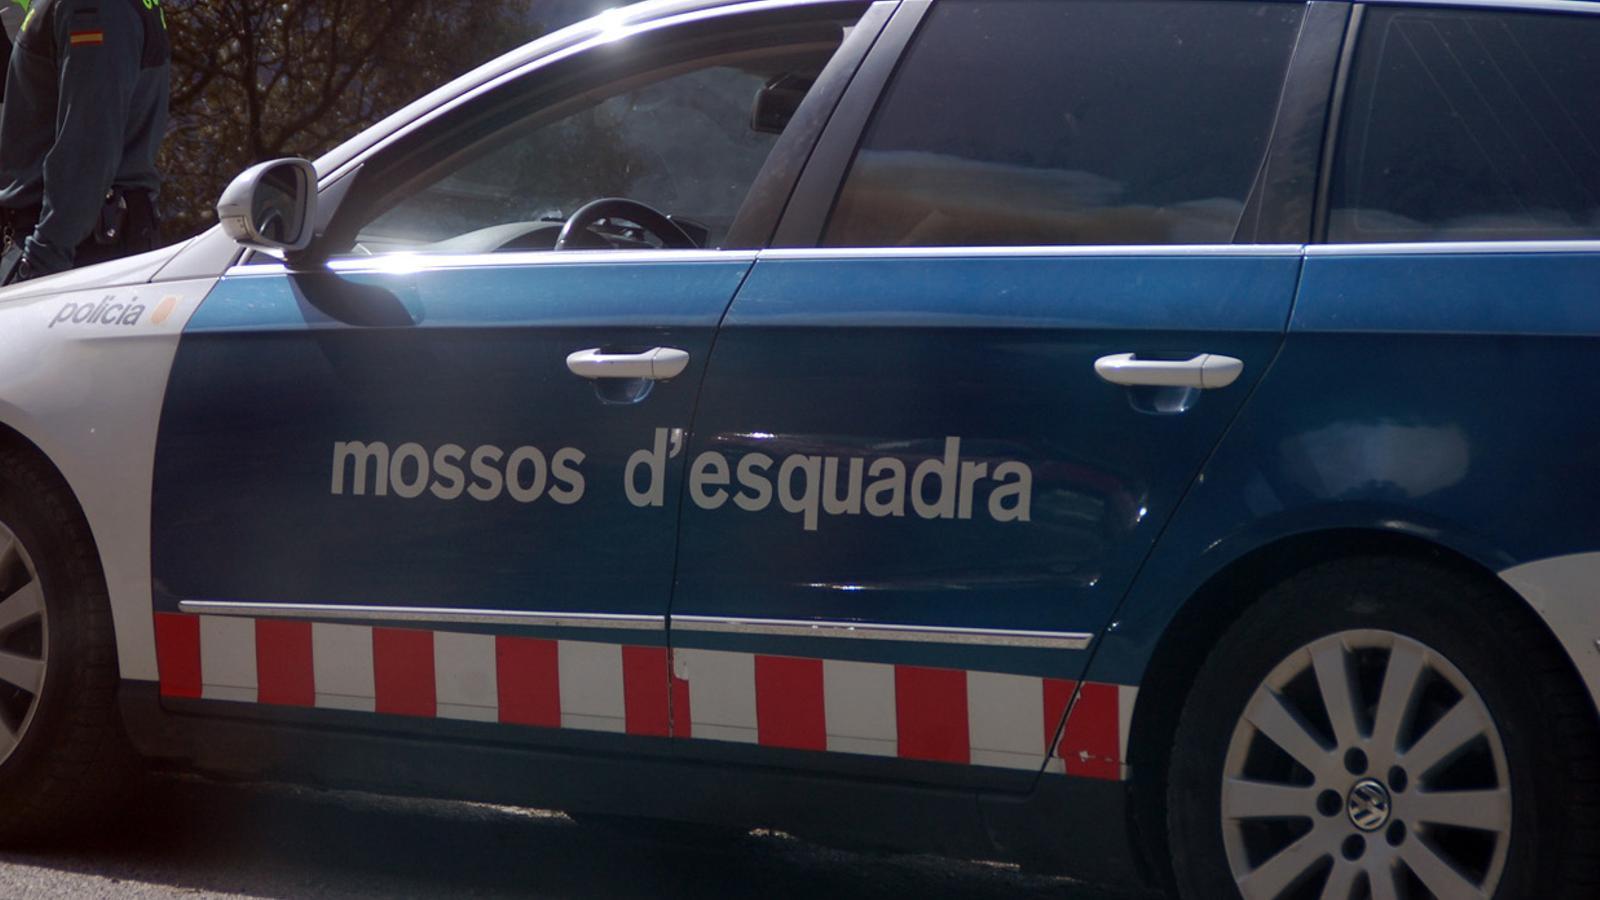 Un cotxe del Mossos d'Esquadra. / ARXIU